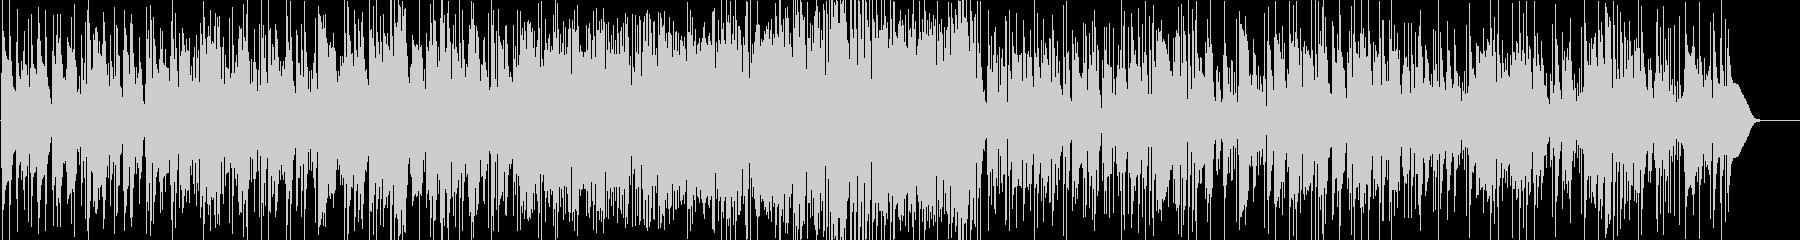 ショパンのピアノジャズアレンジの未再生の波形